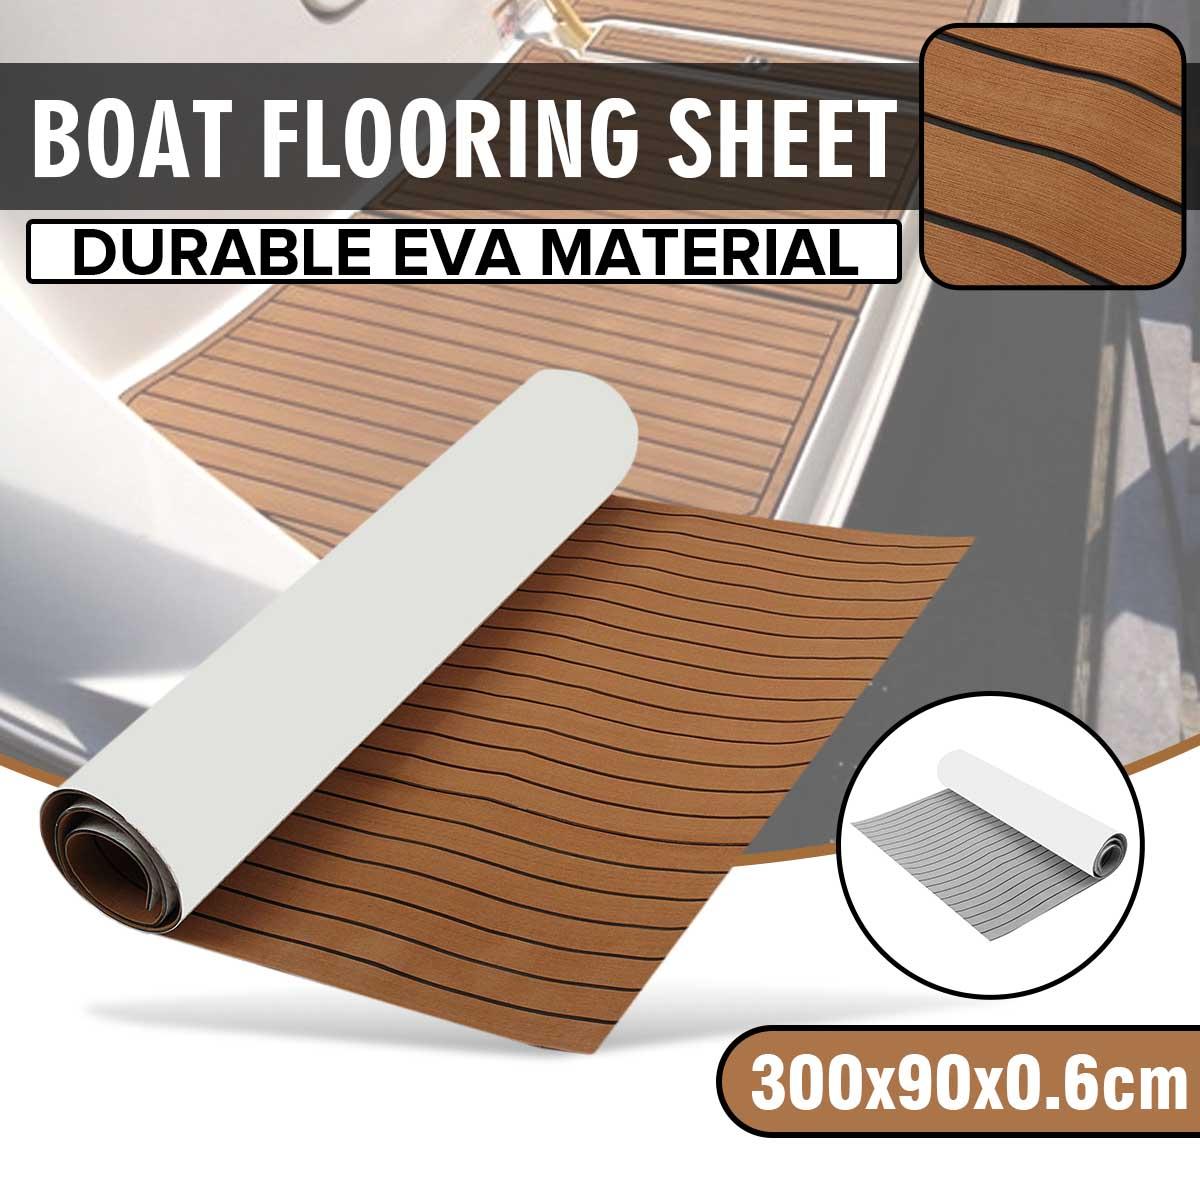 1 rouleau 3000x900mm 6mm auto-adhésif EVA mousse bateau Yacht RV caravane Marine plancher Faux teck bateau platelage feuille plancher décor tapis